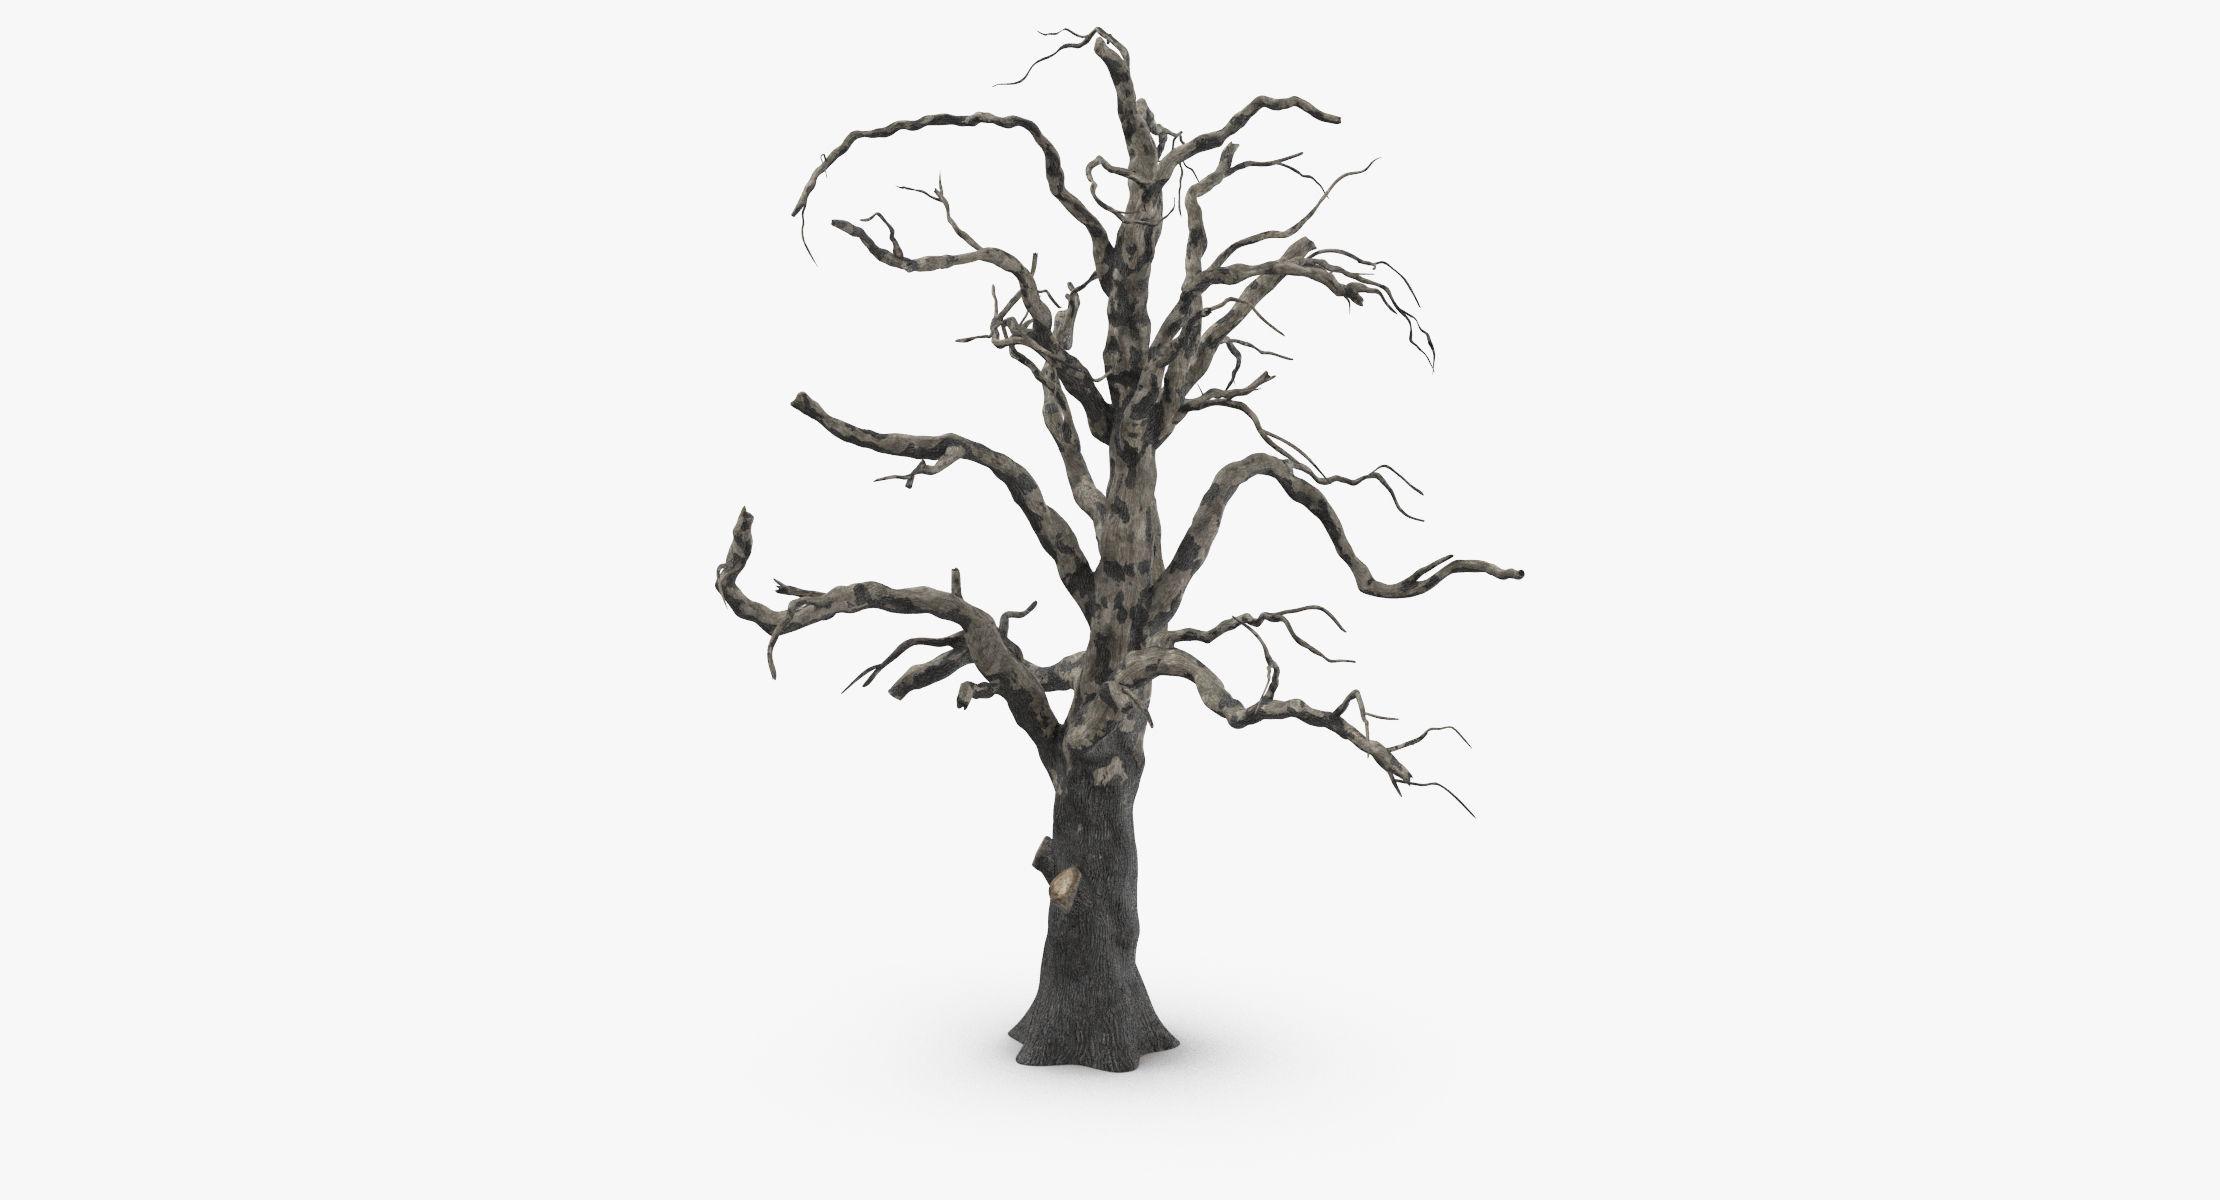 Old Dead Tree 03 - reel 1